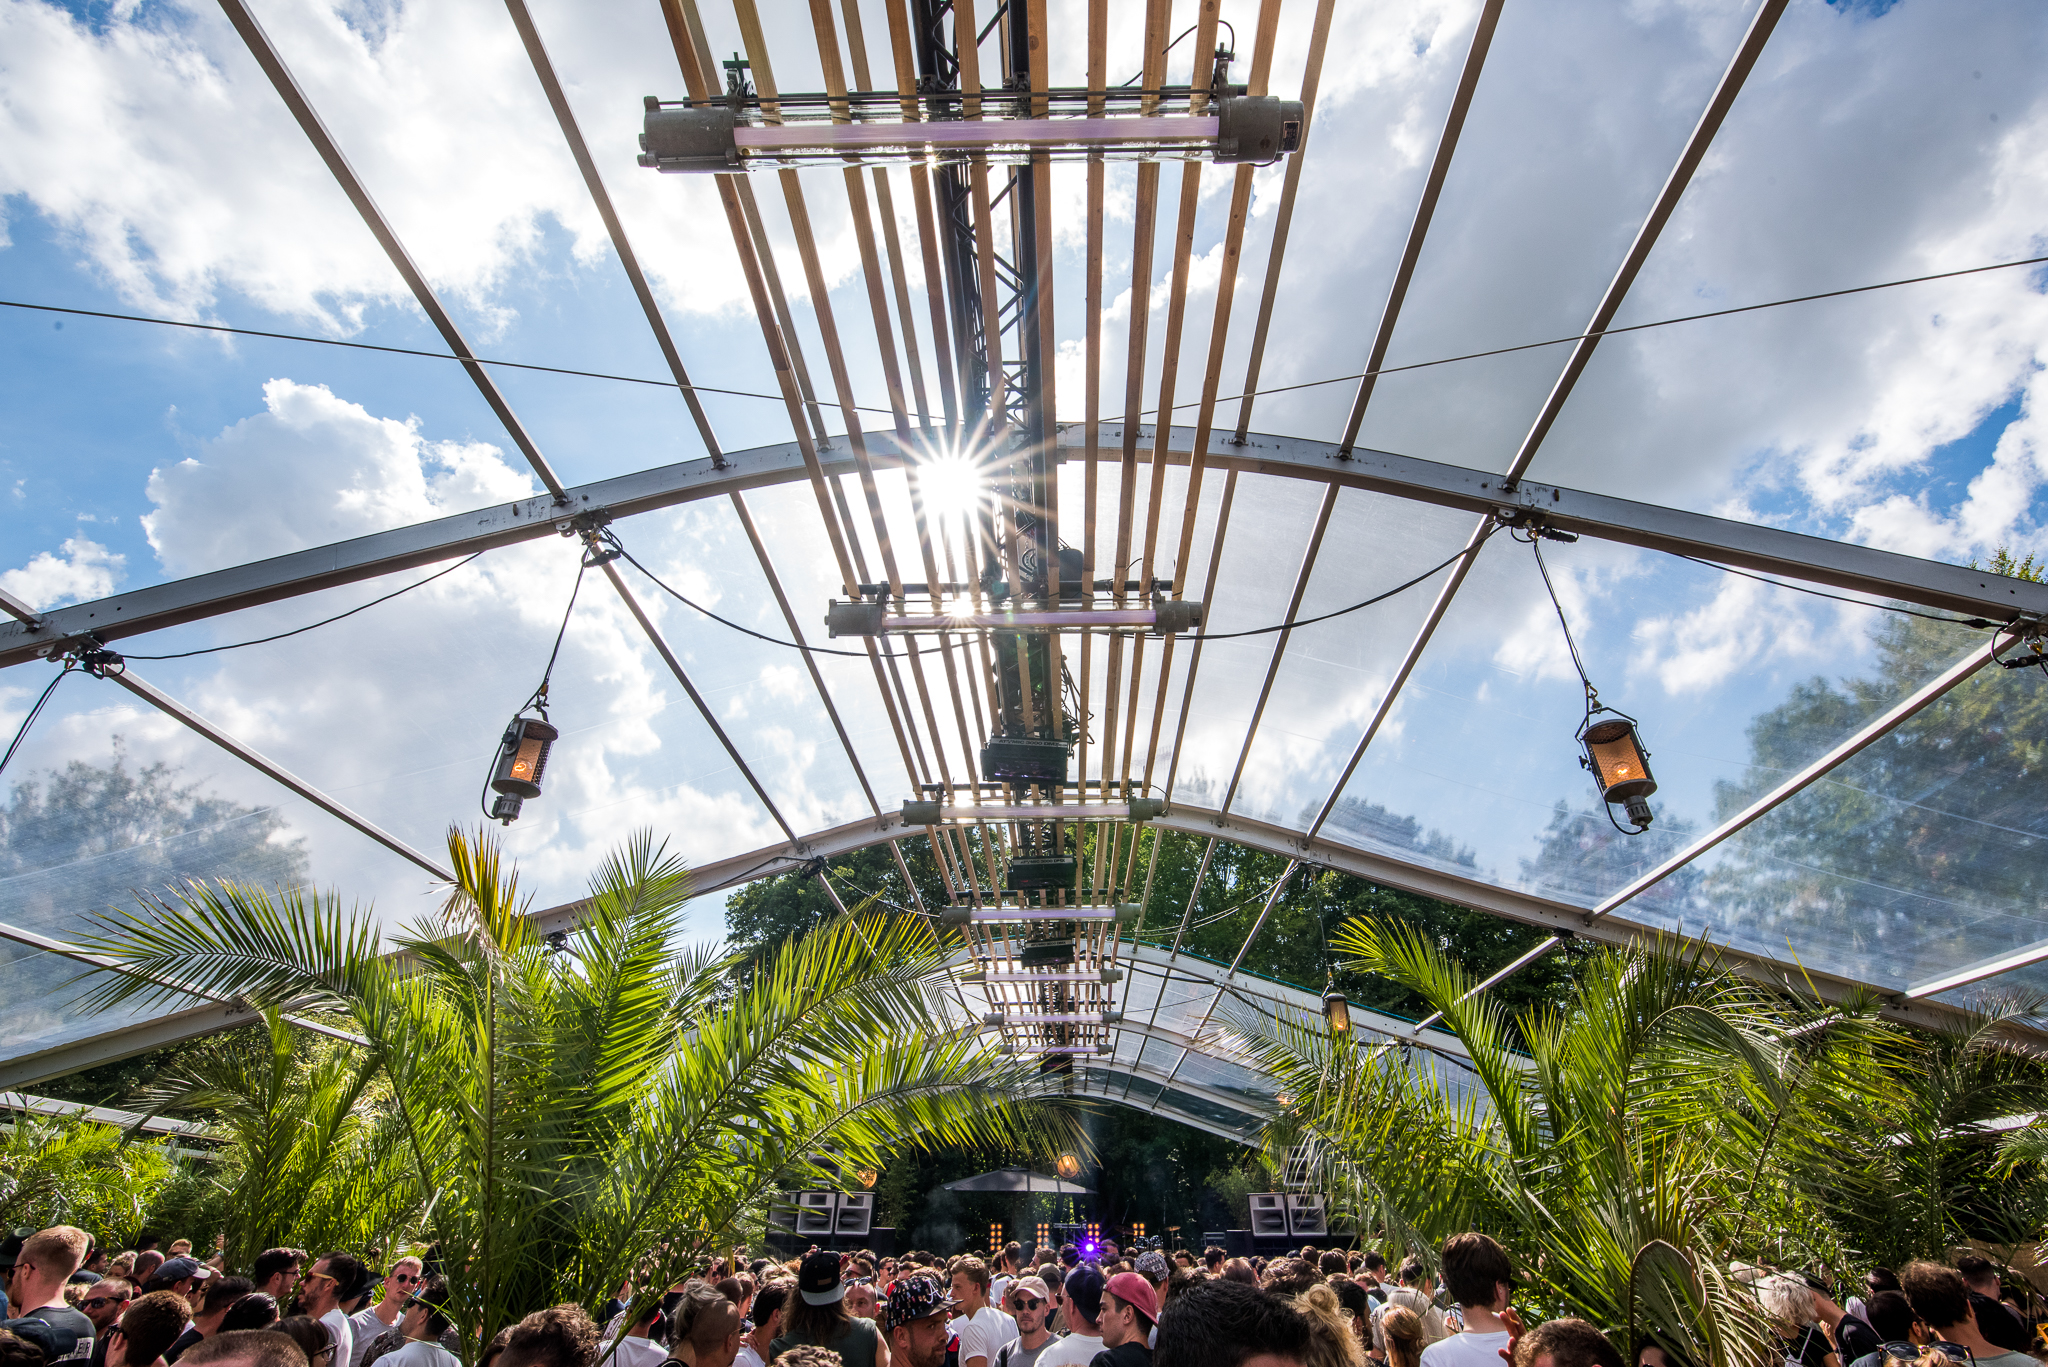 Atmosphere 2 - Dekmantel Festival 2017 - Day 5 (credits - Yannick van de Wijngaert)